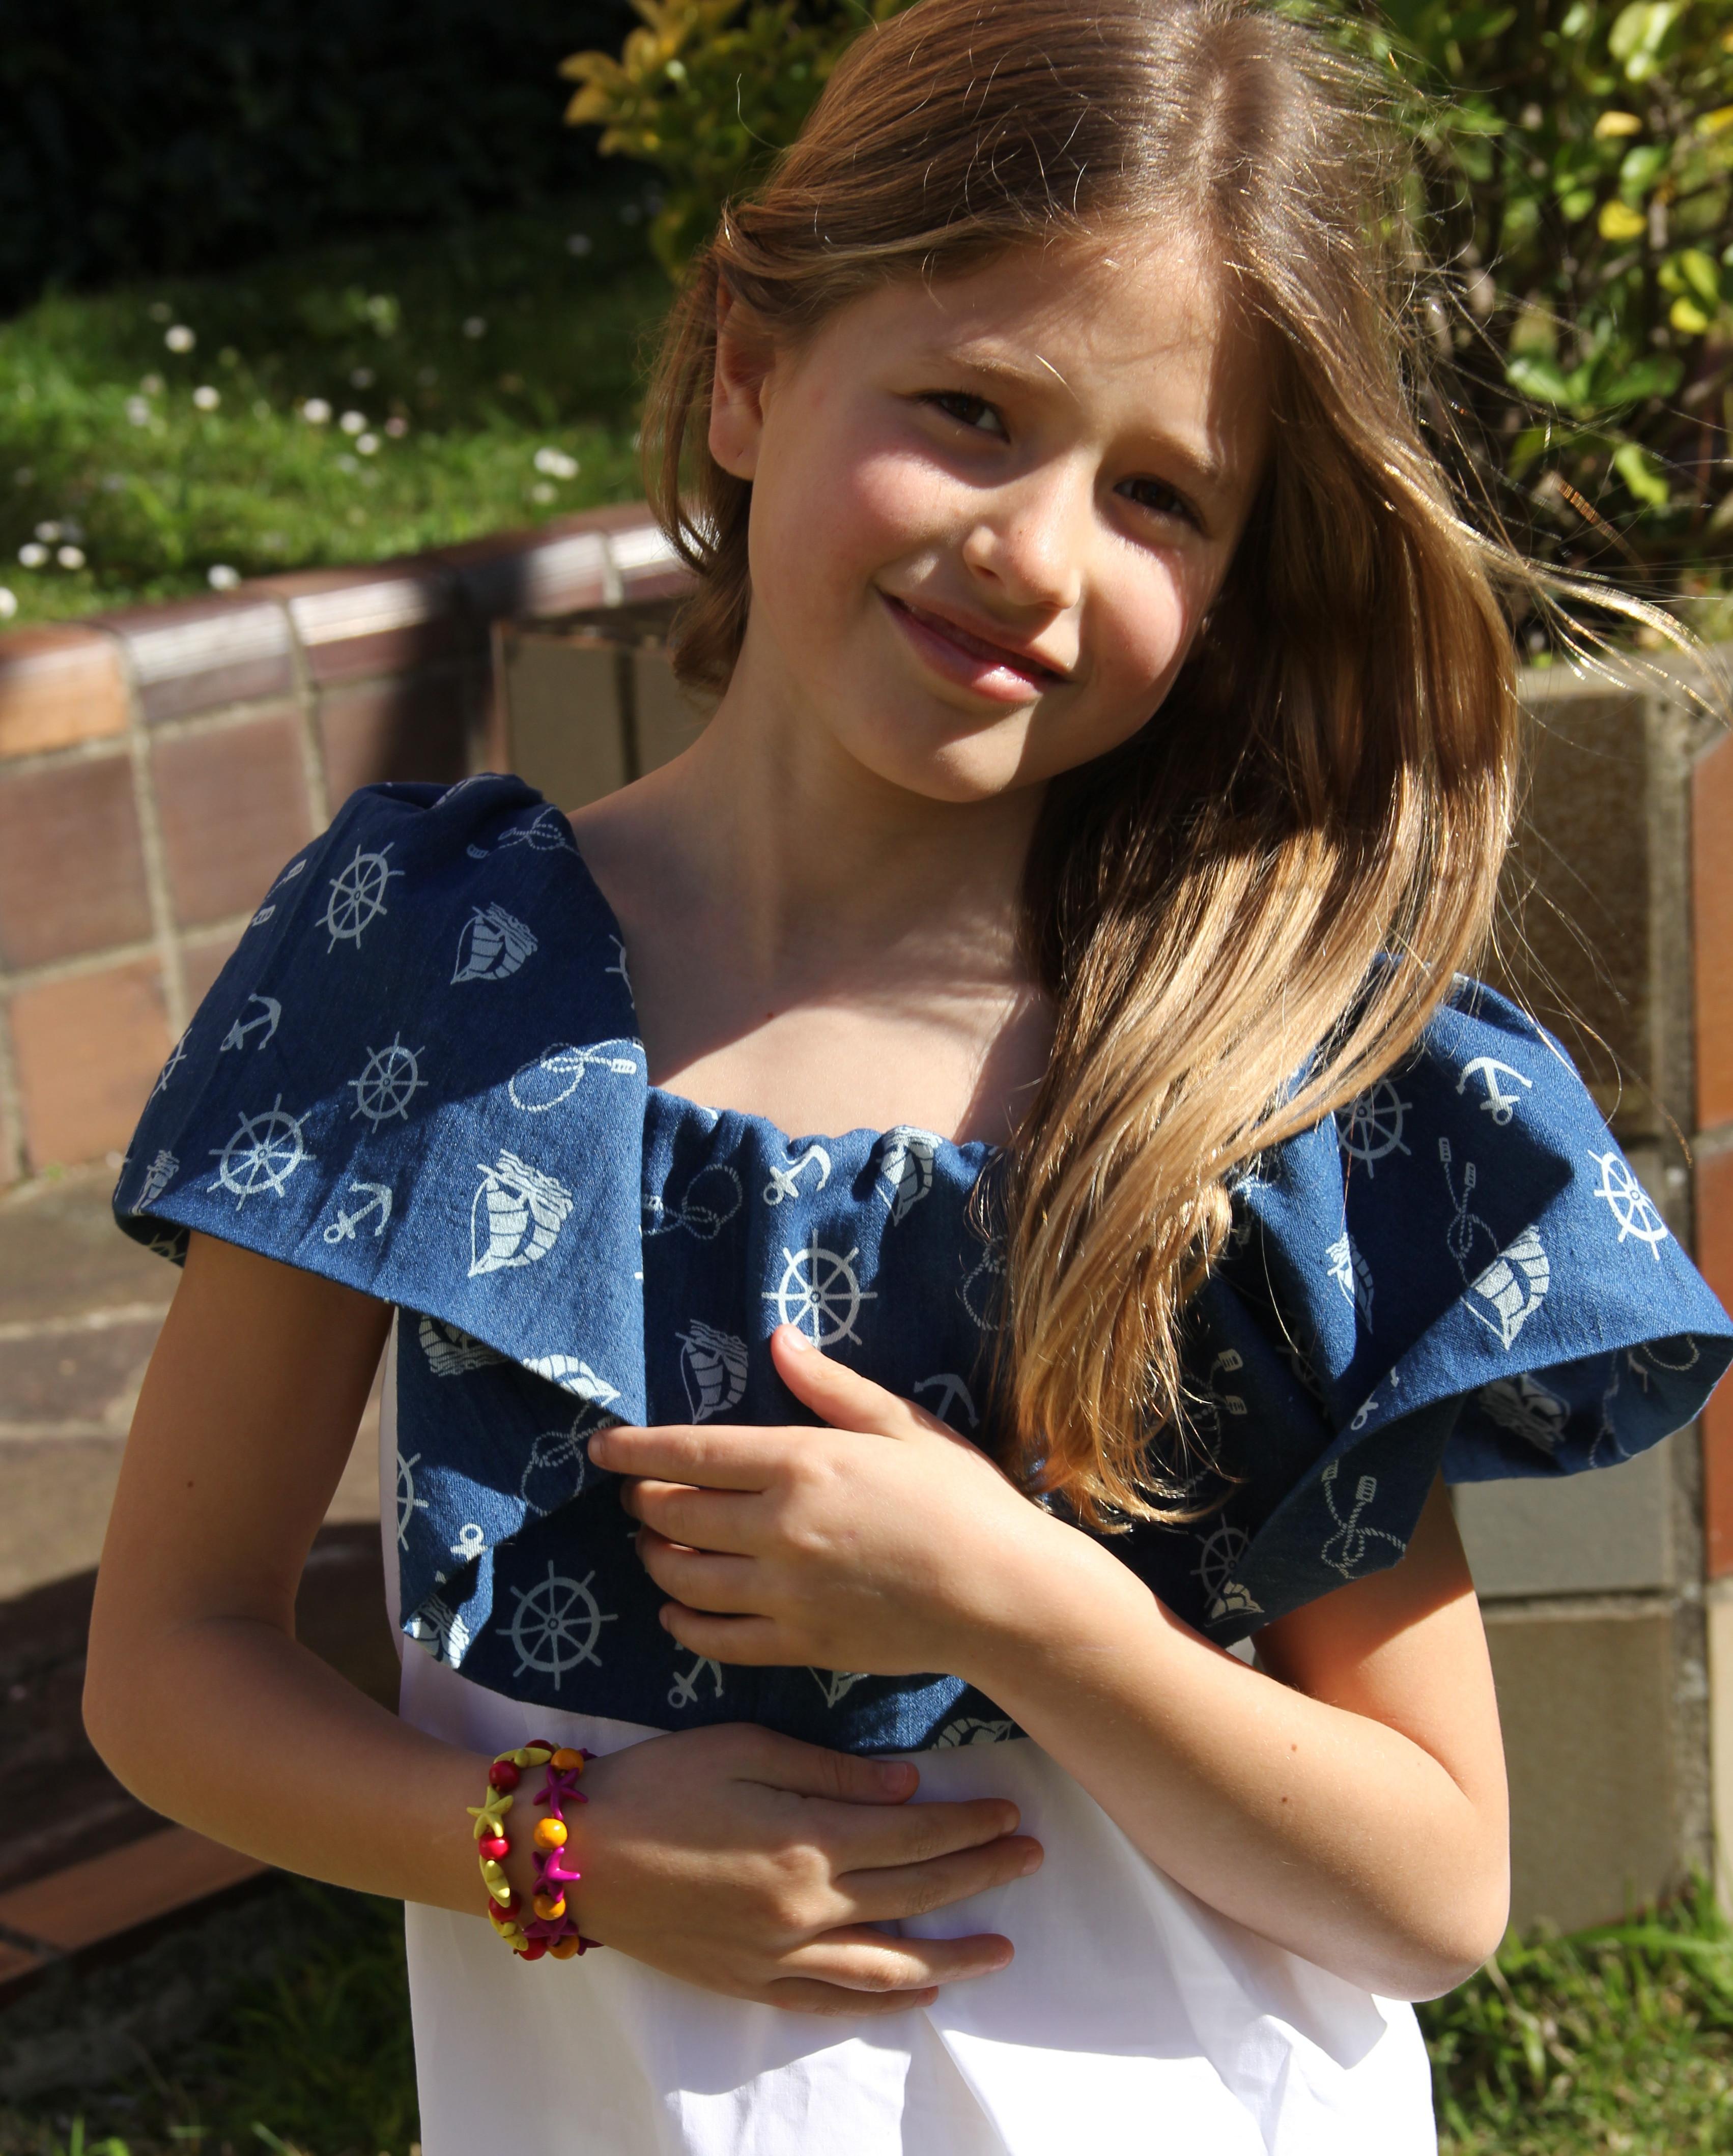 vestido marinero para niña, vestido blanco marinera para niña, vestido blanco niña online, moda infantil española (7)